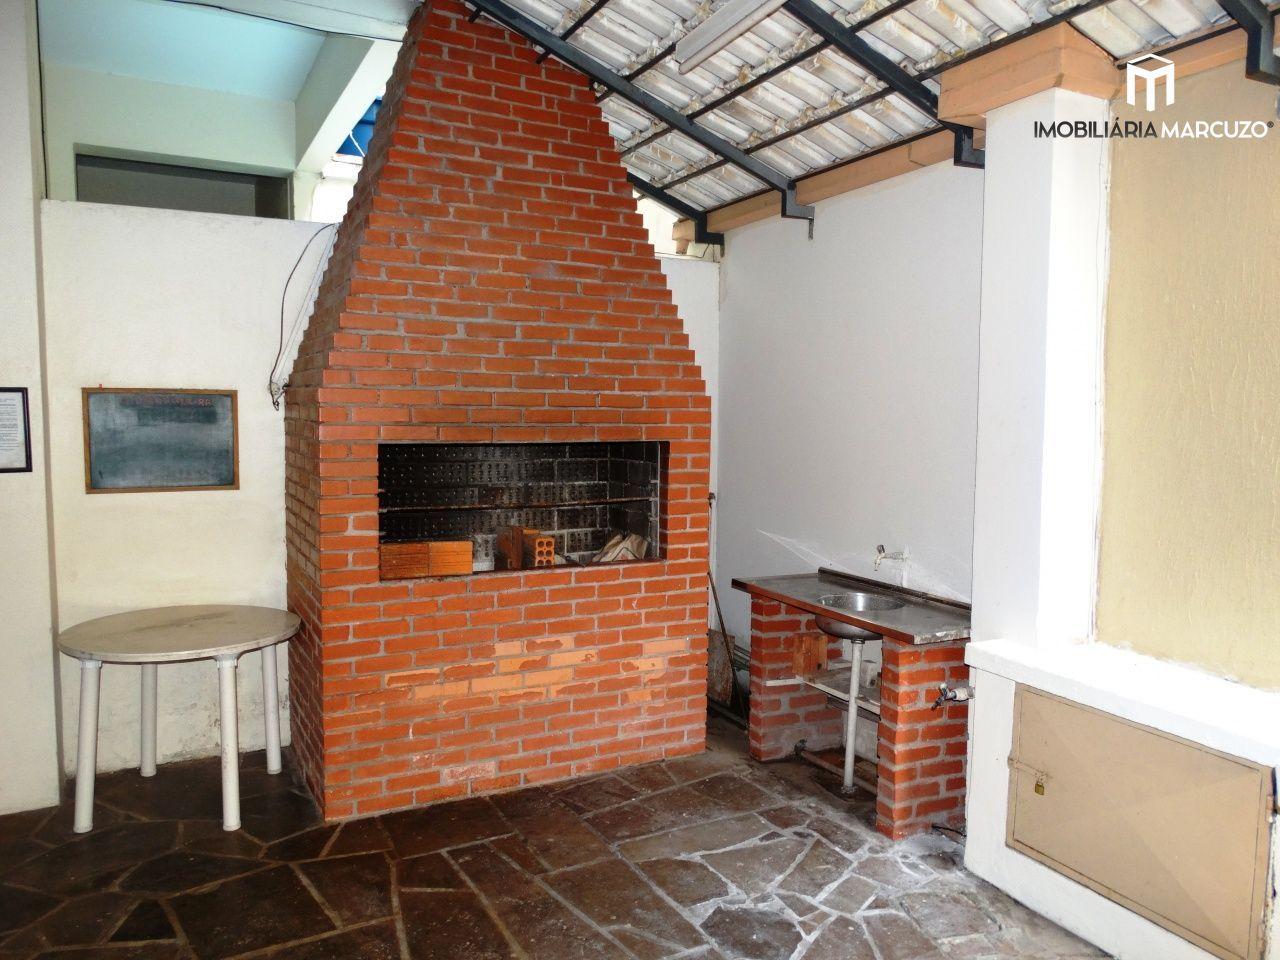 Apartamento com 1 Dormitórios à venda, 52 m² por R$ 149.000,00